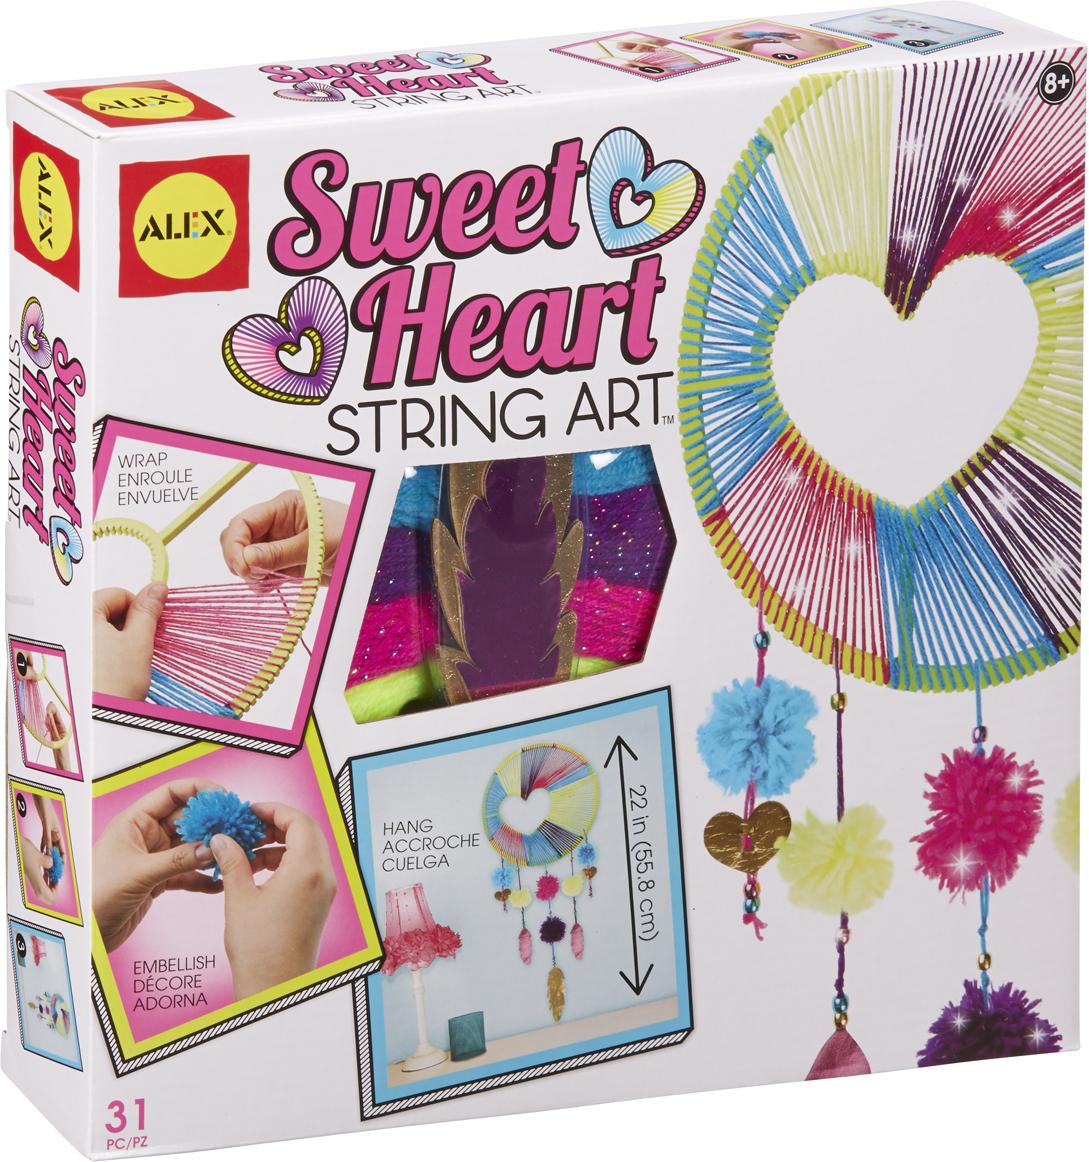 Alex Набор для изготовления игрушек Ловец снов alex alex набор для творчества сделай сам браслеты фенечки бро